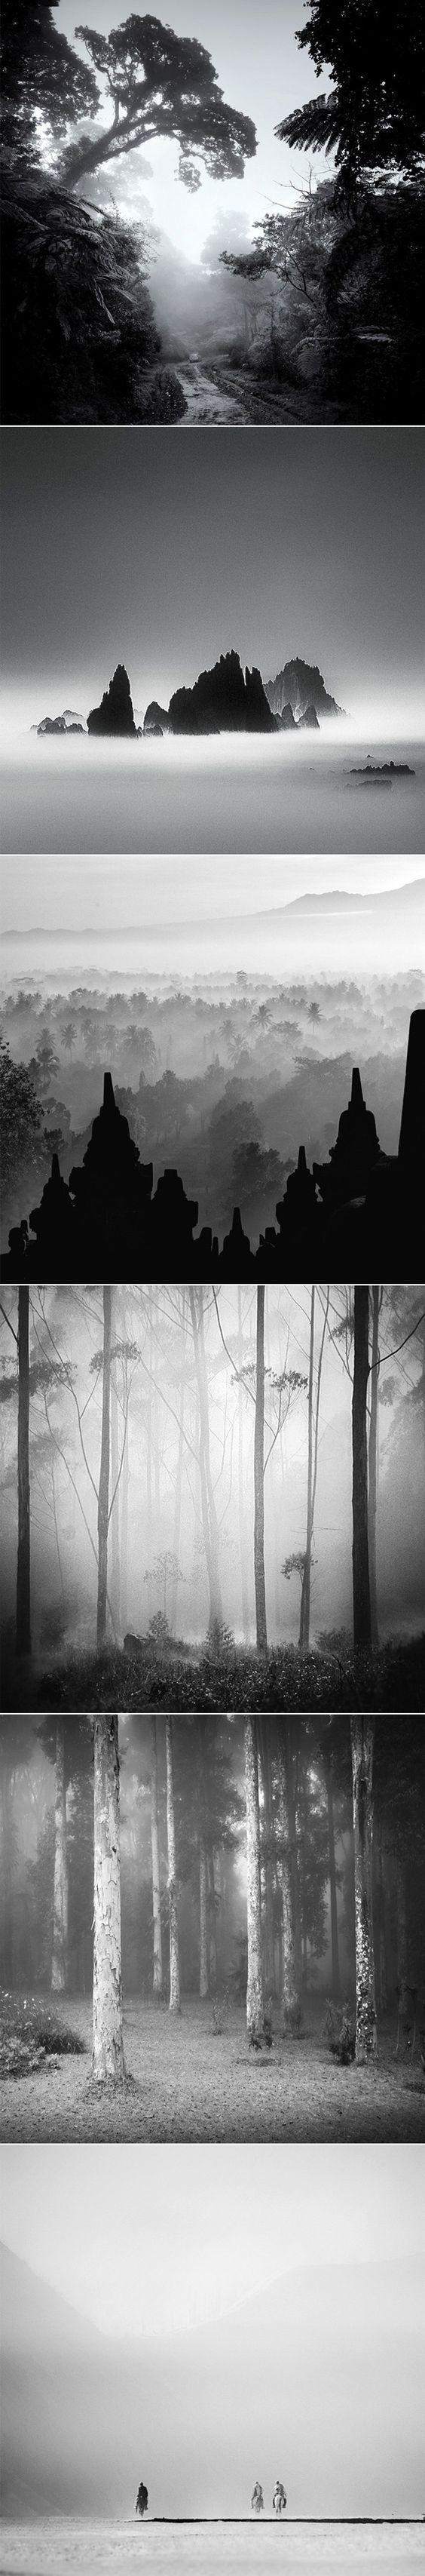 Photos noir et blanc par Hengki Koentjoro: